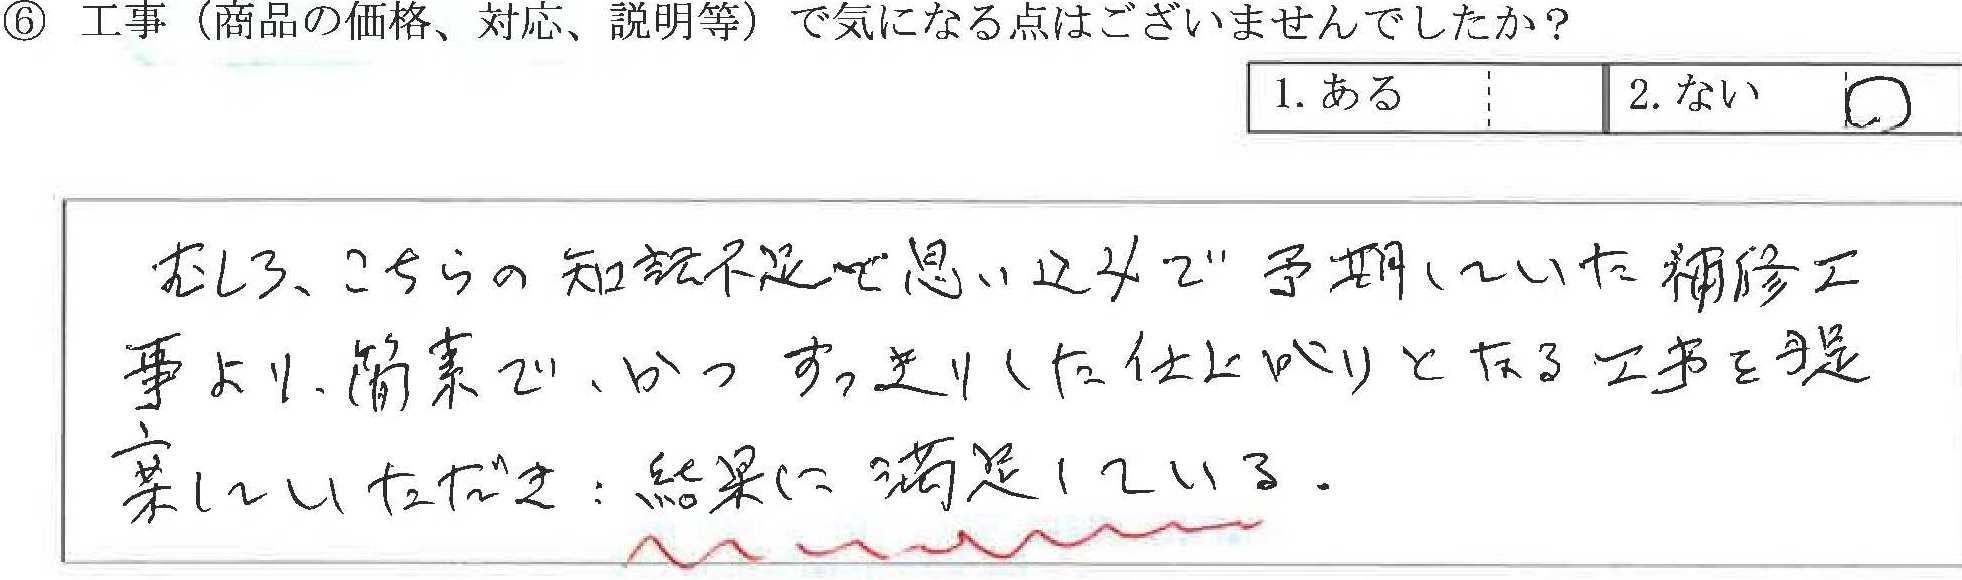 富山県富山市H様に頂いた境界ブロック塀補修工事についてのお客さまの声というご質問について「境界ブロック塀【お喜びの声】」というお声についての画像